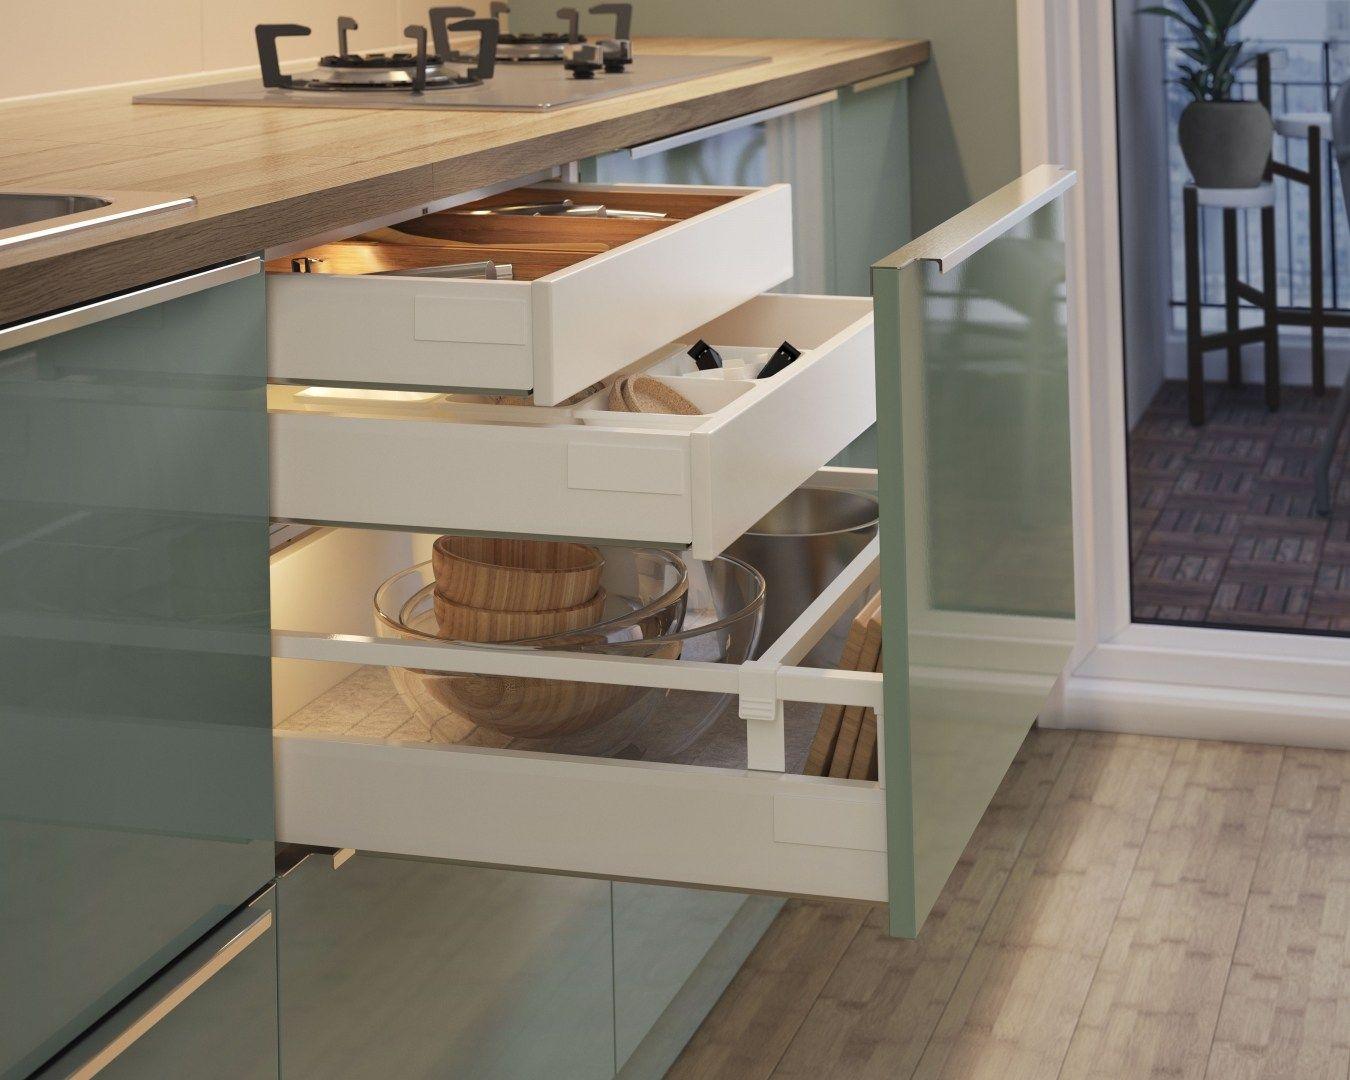 Interieur | Ikea lanceert design keuken met karakter • Stijlvol Styling woonblog • Voel je thuis!